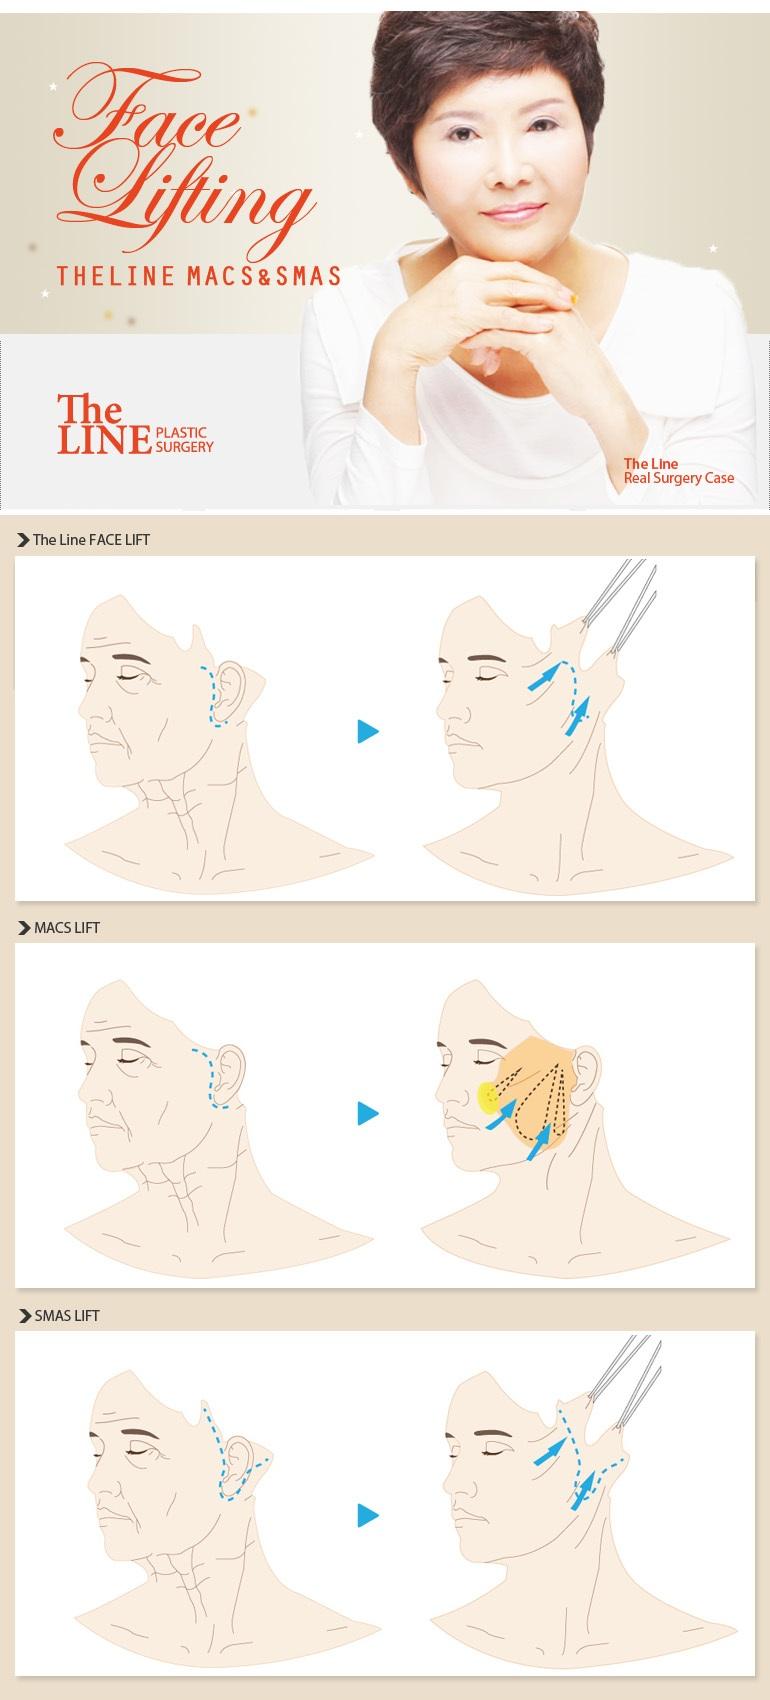 Facelift Surgery Korea (Macs & Smas Lift)